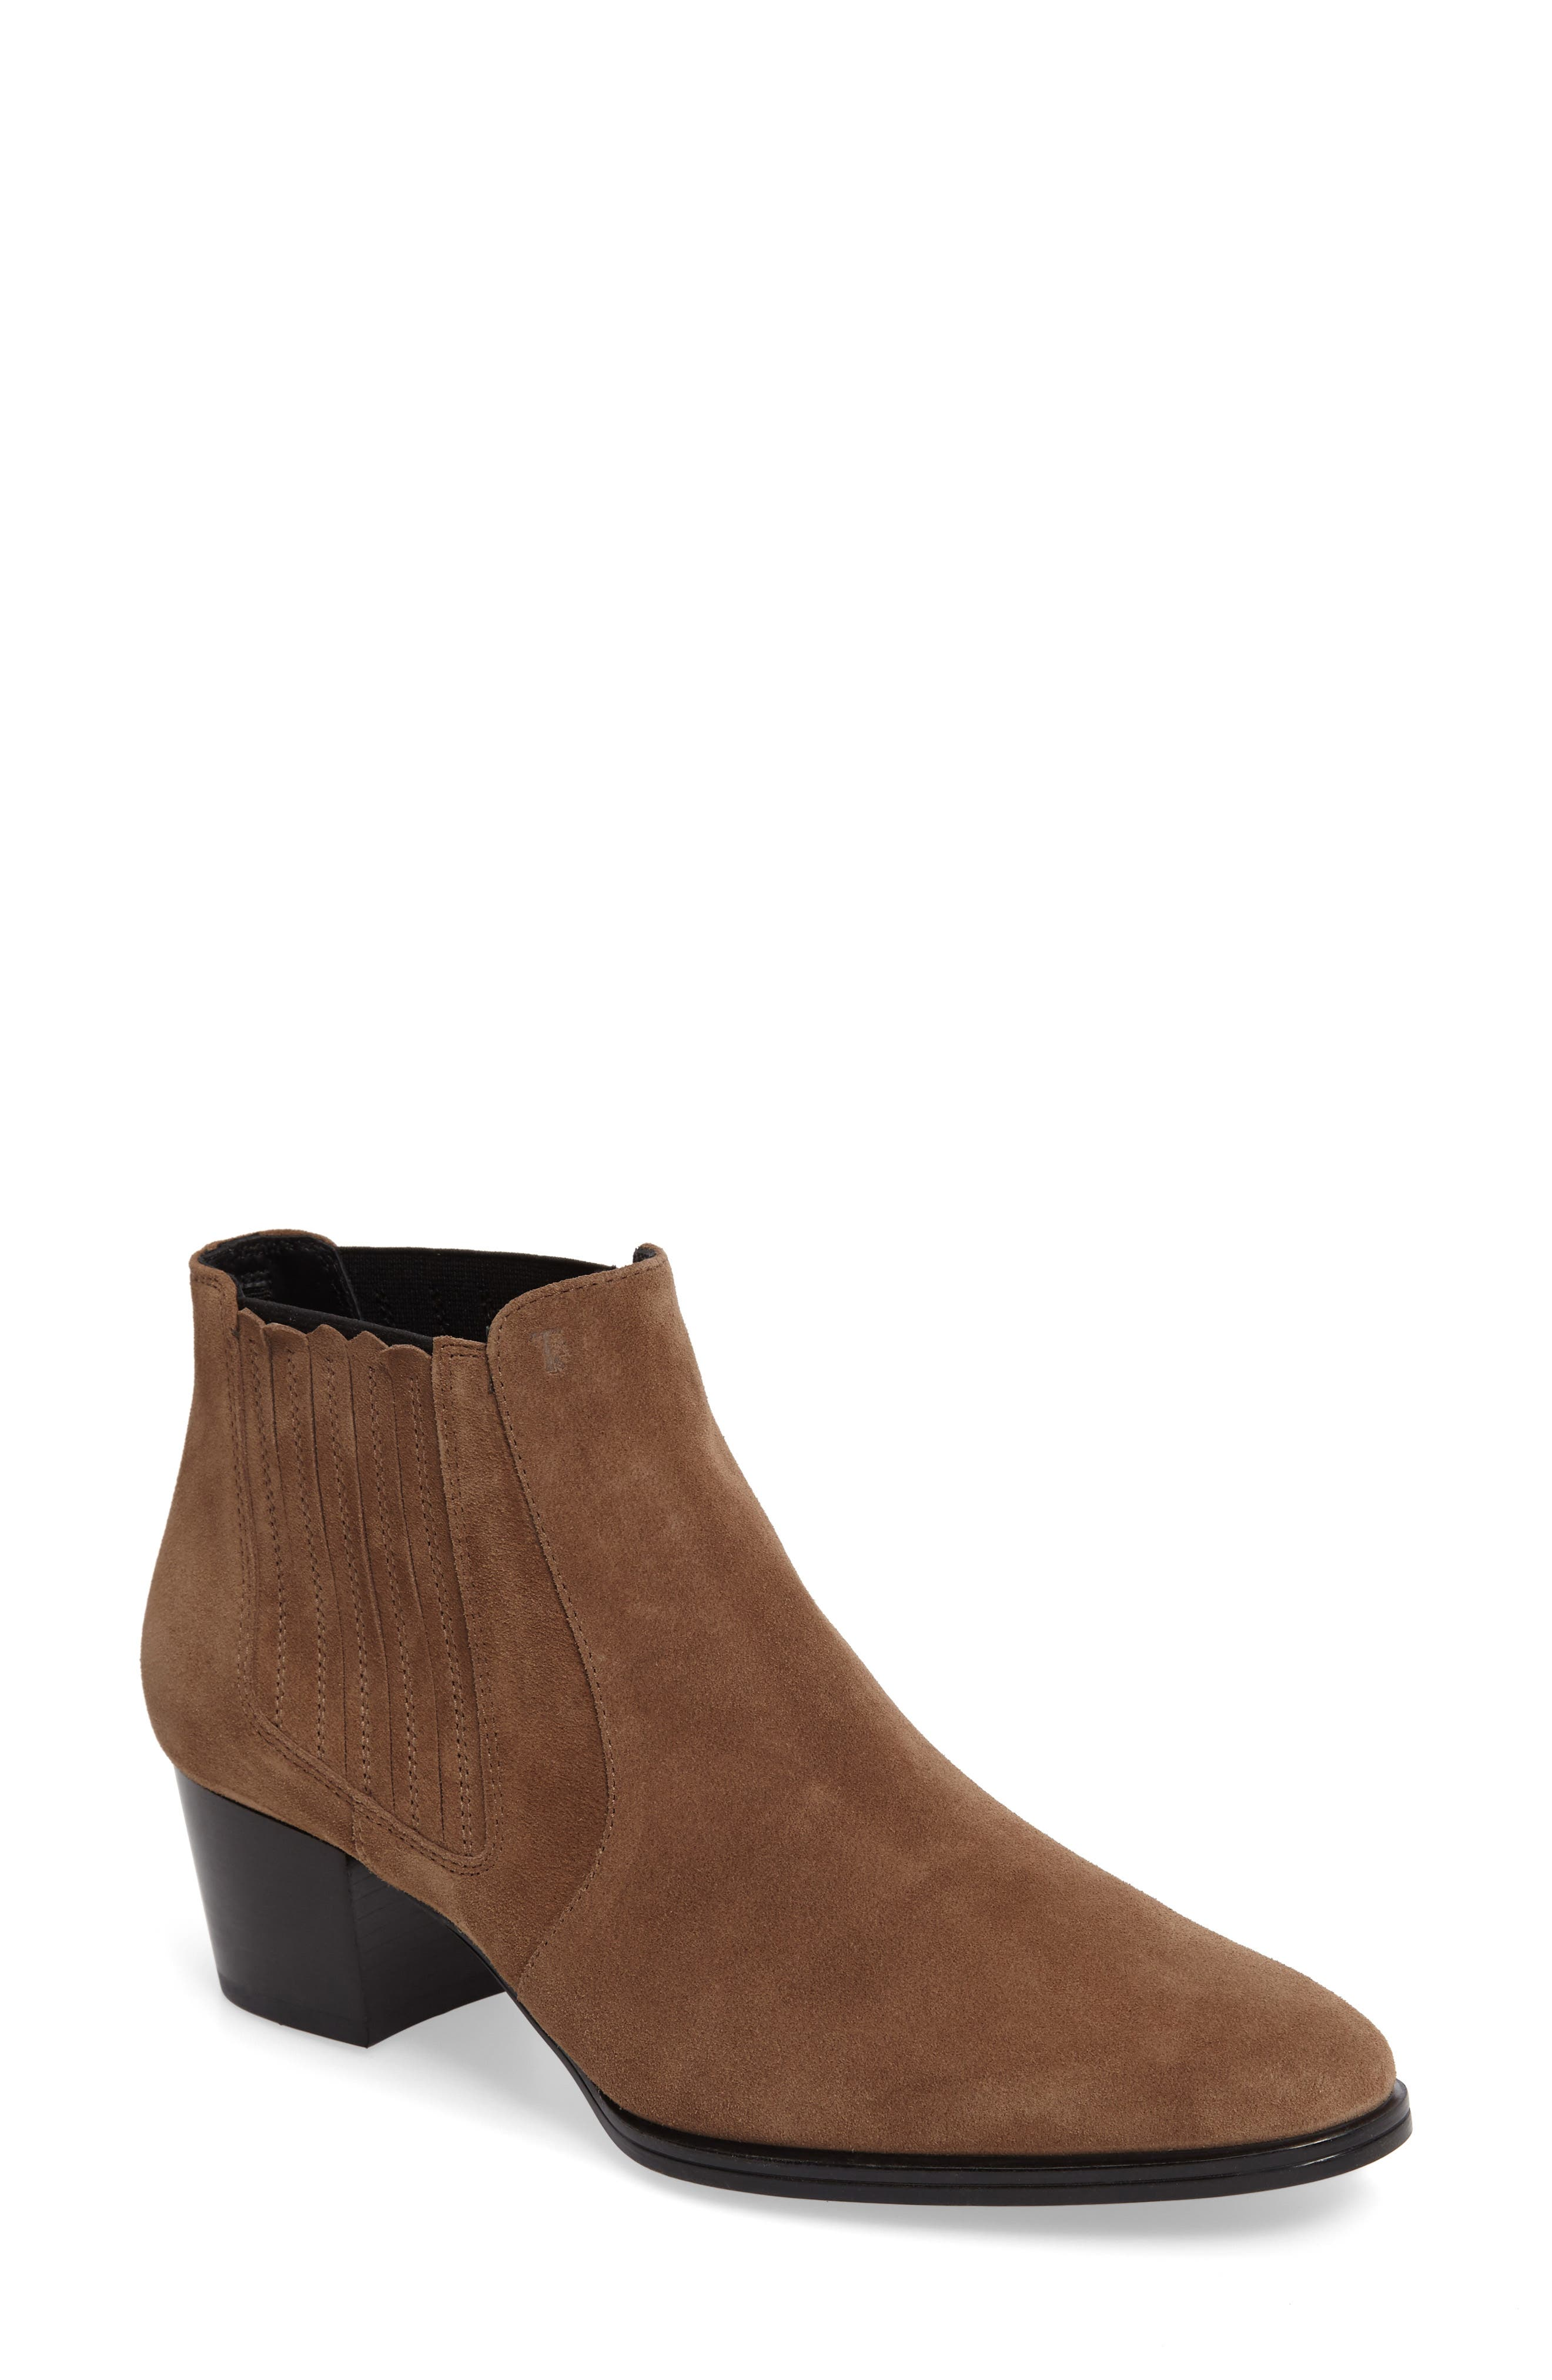 Tods Western Block Heel Chelsea Bootie (Women)